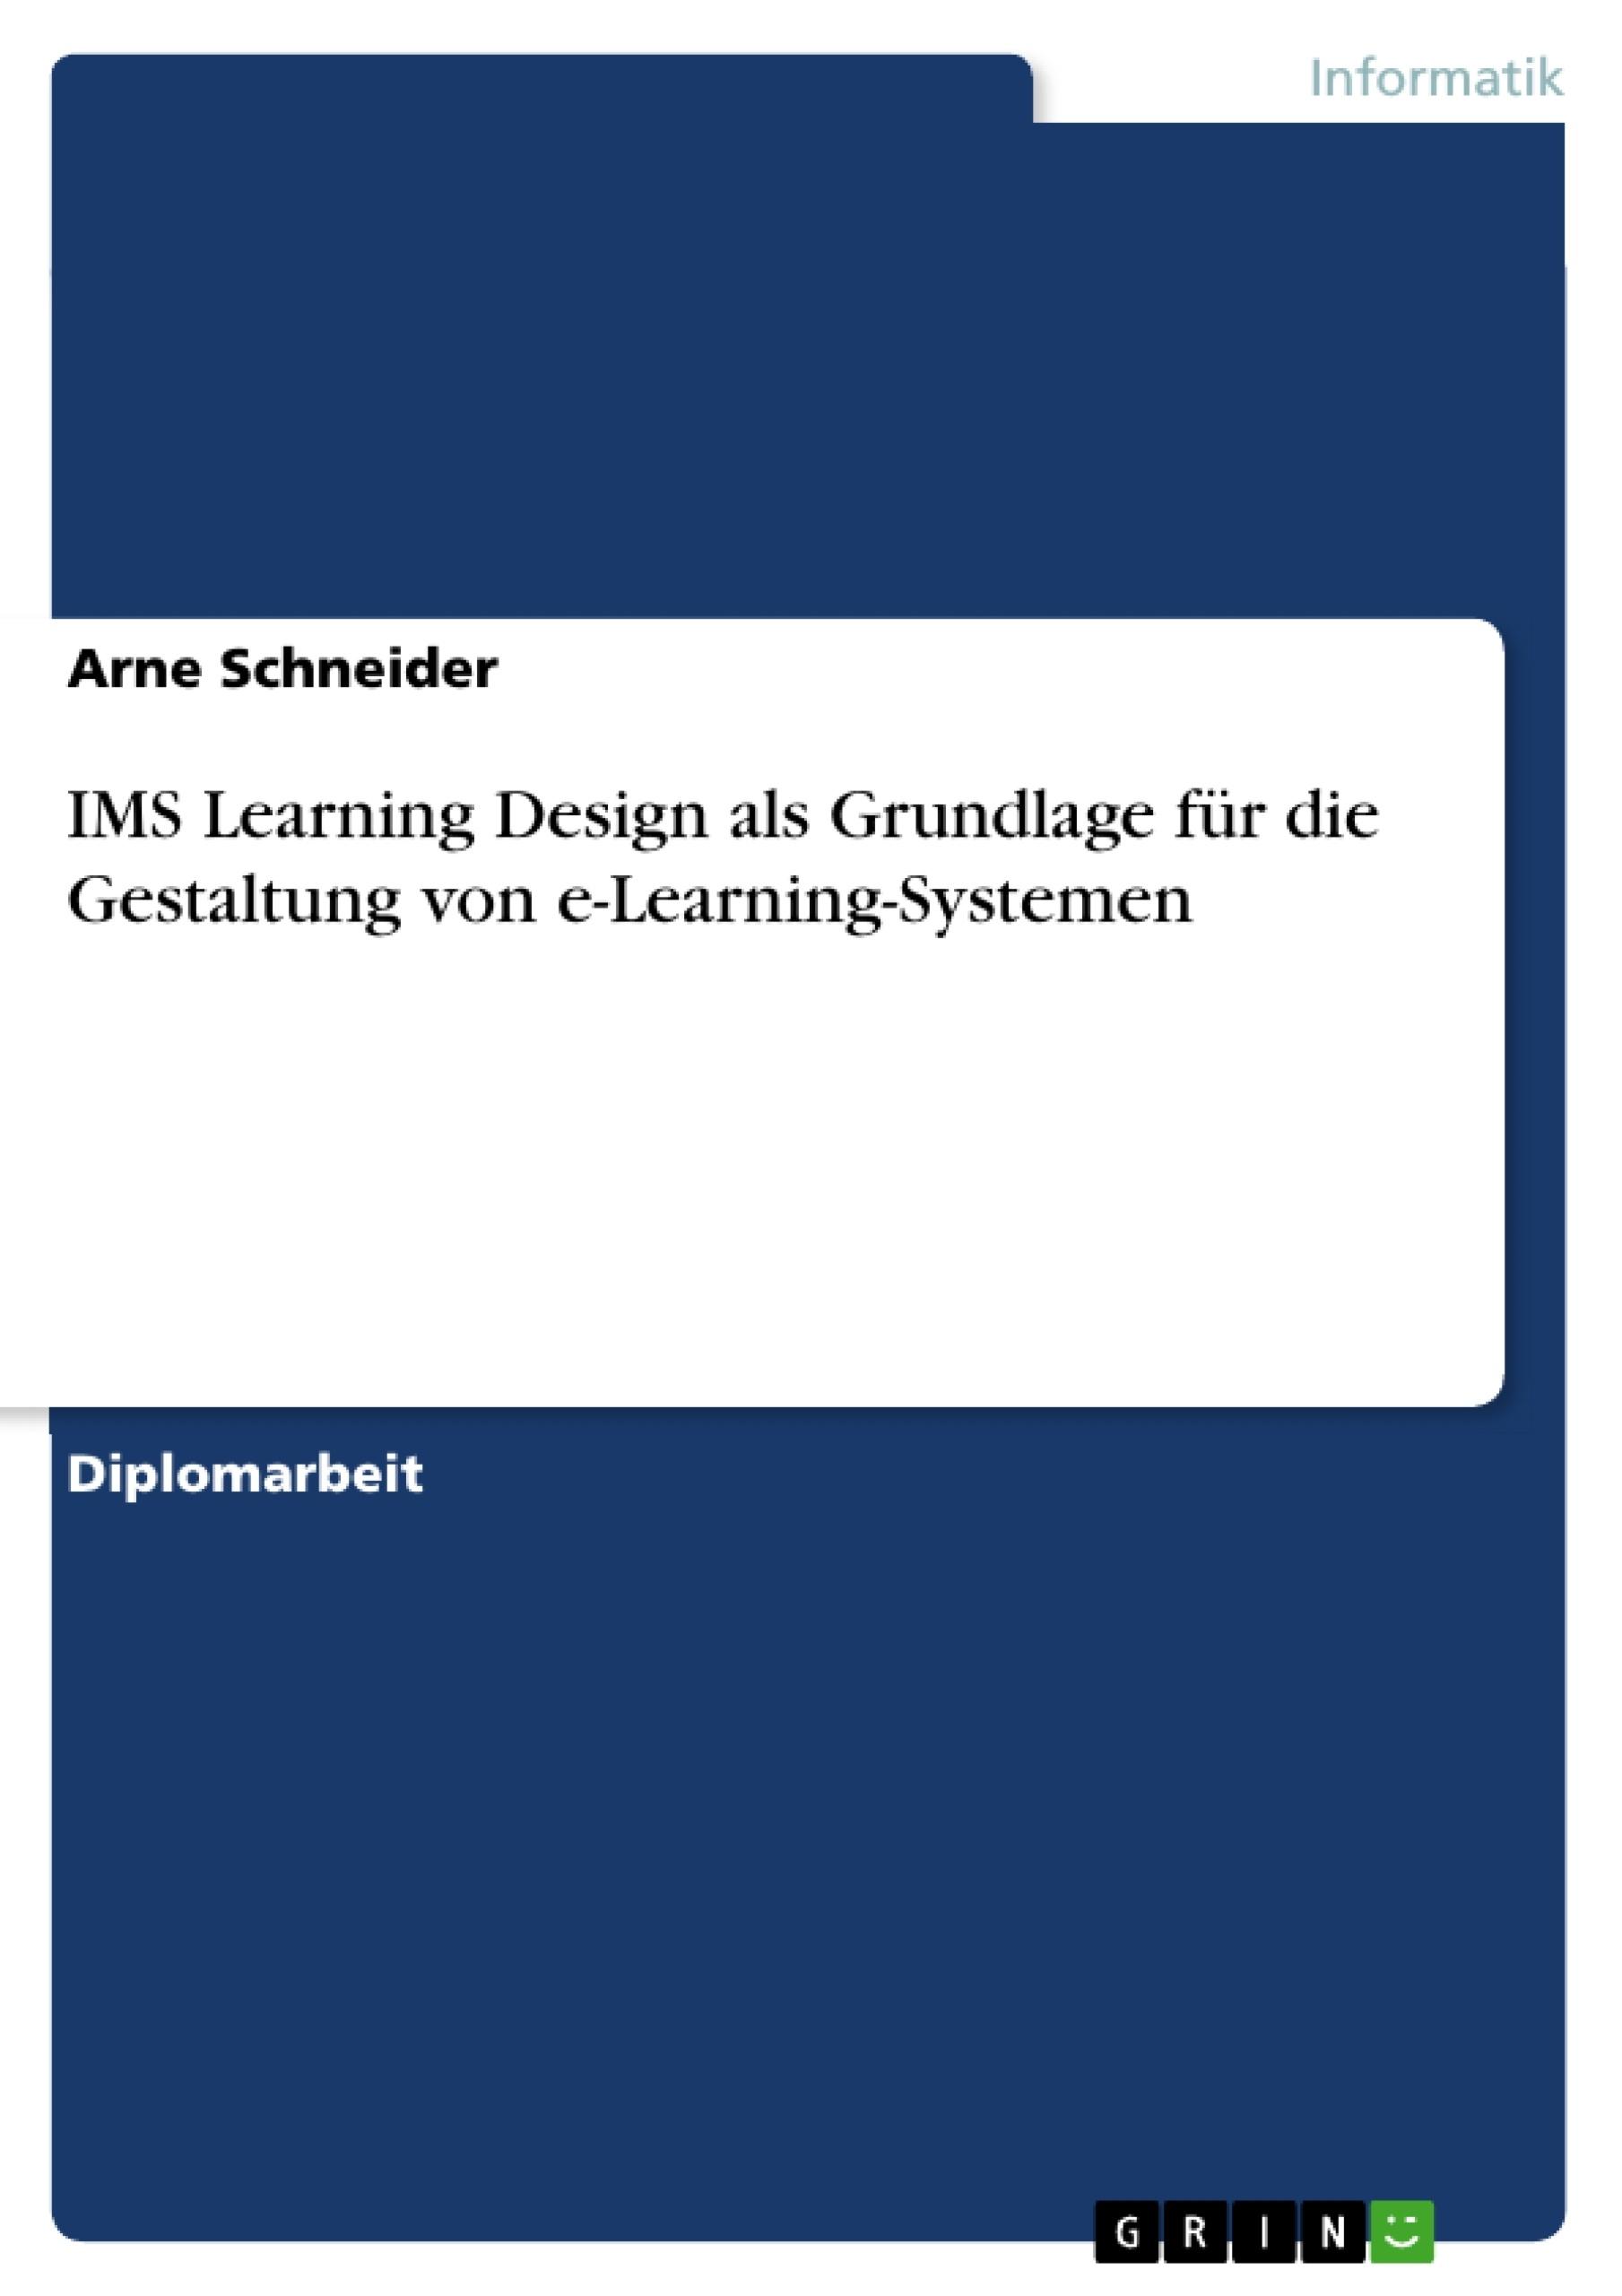 Titel: IMS Learning Design als Grundlage für die Gestaltung von e-Learning-Systemen